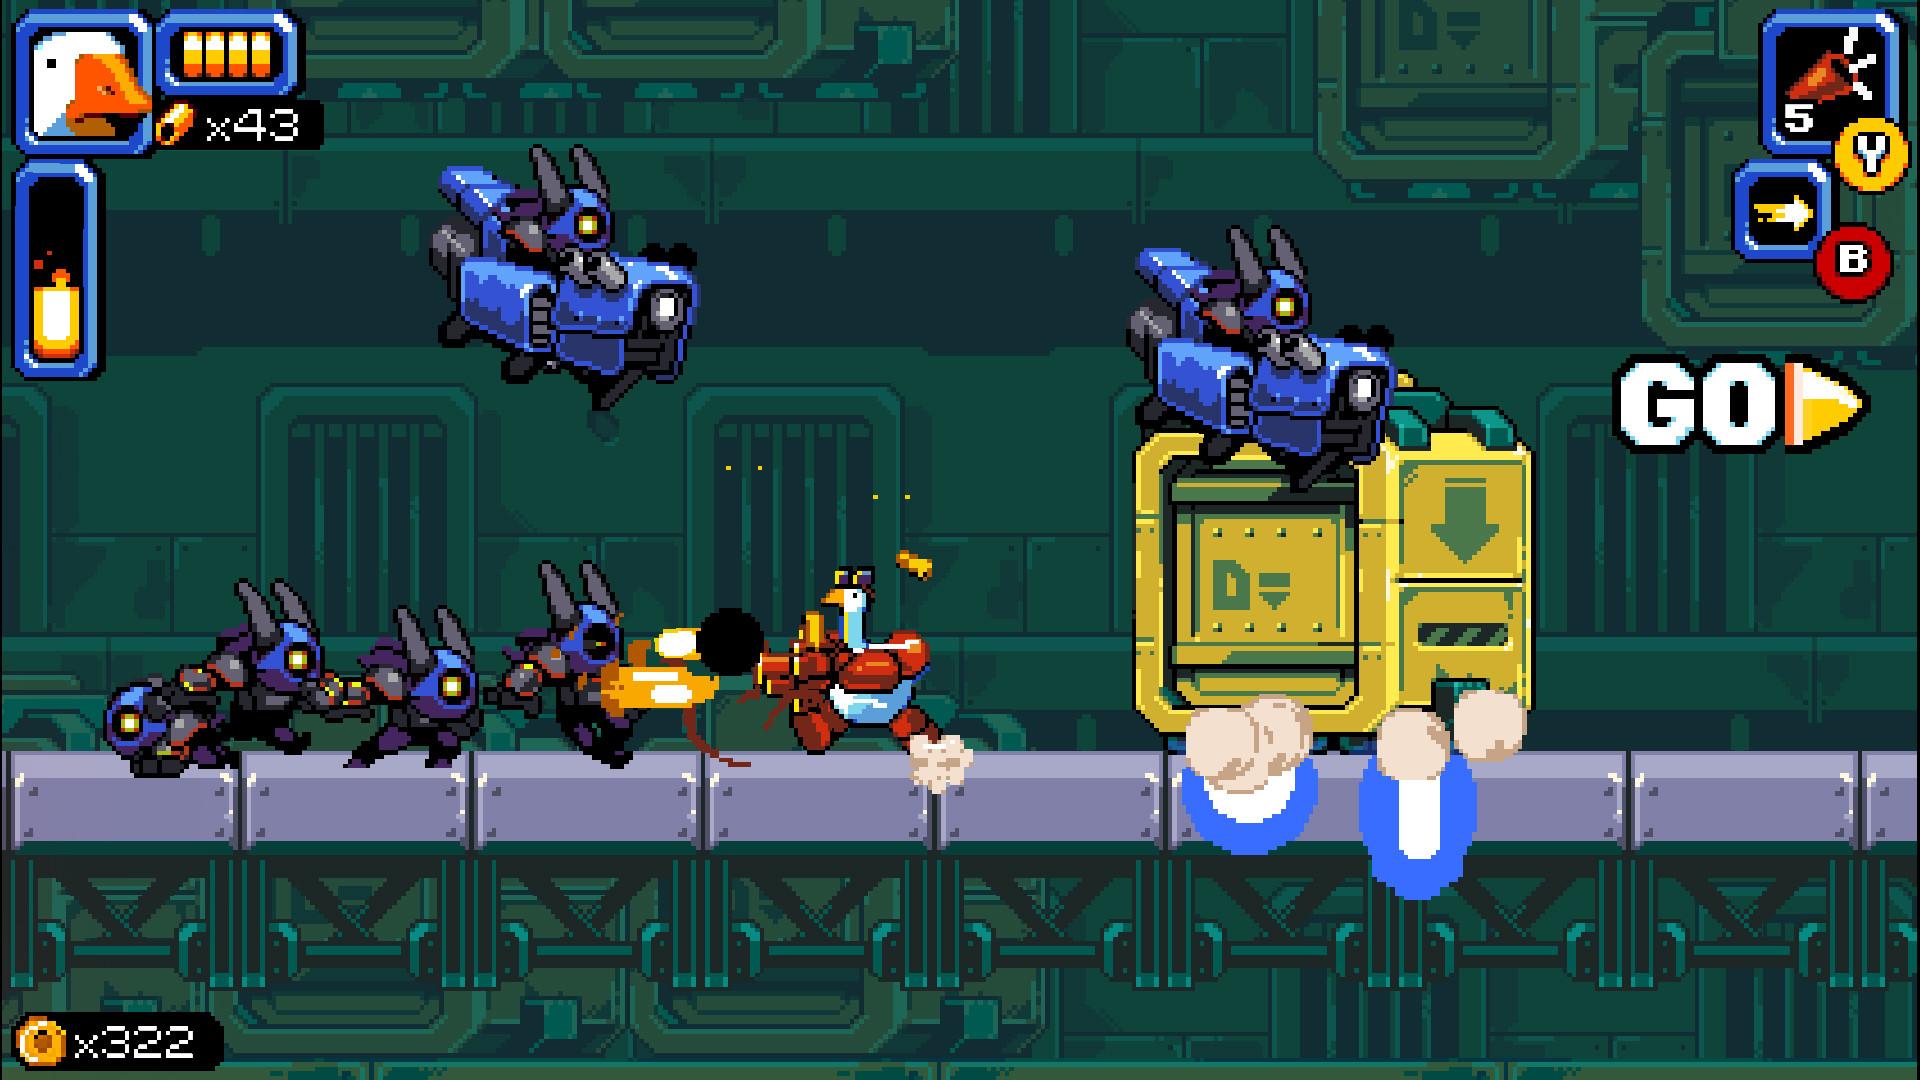 横版动作游戏《暴走大鹅》公布 计划于2021年发售